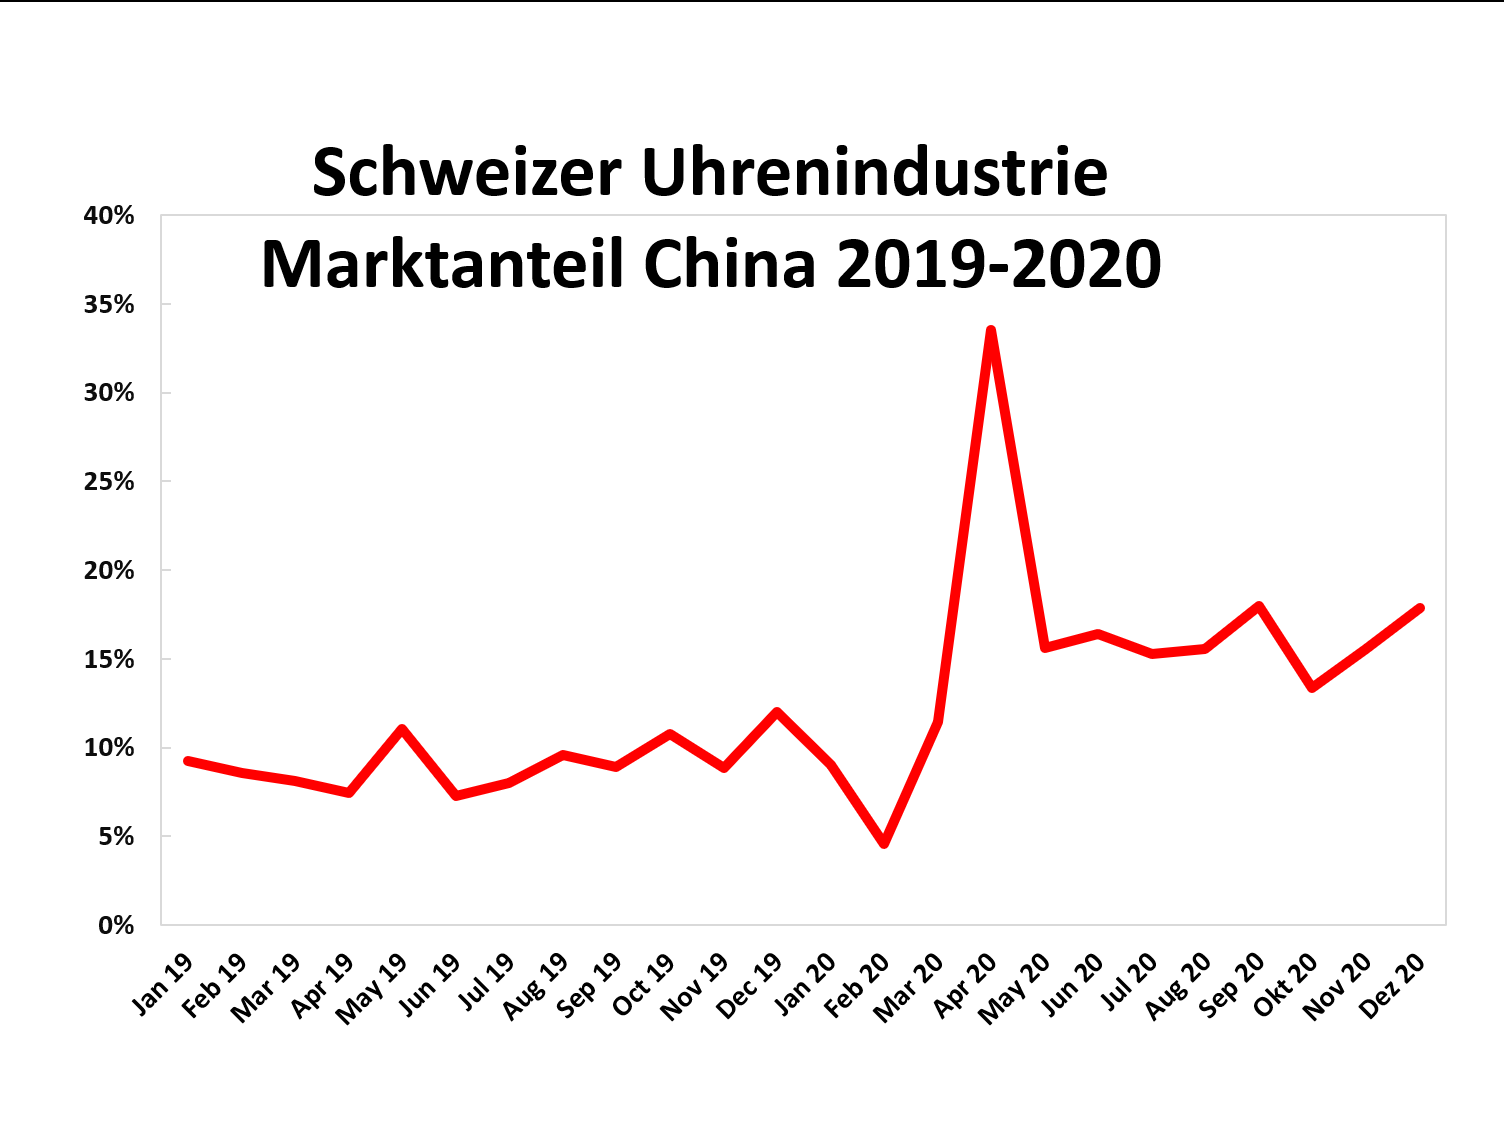 Uhrenindustrie Entwicklung Marktanteil China 2019-2020